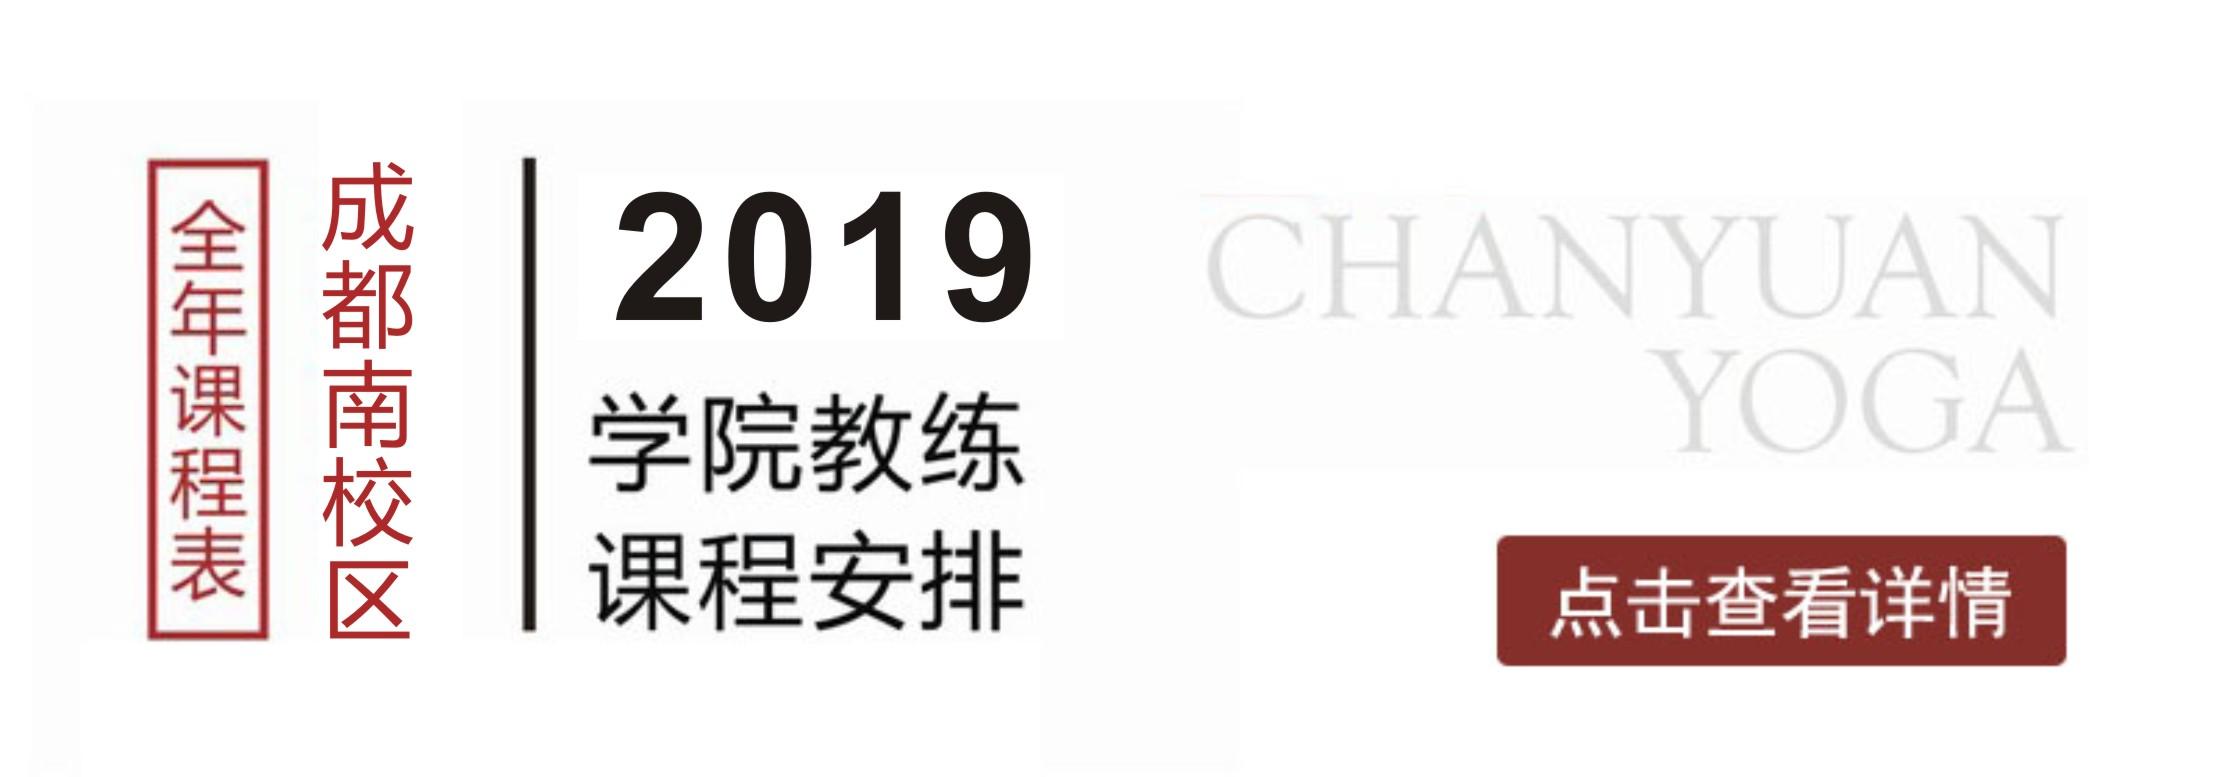 成都南校区全年课程表